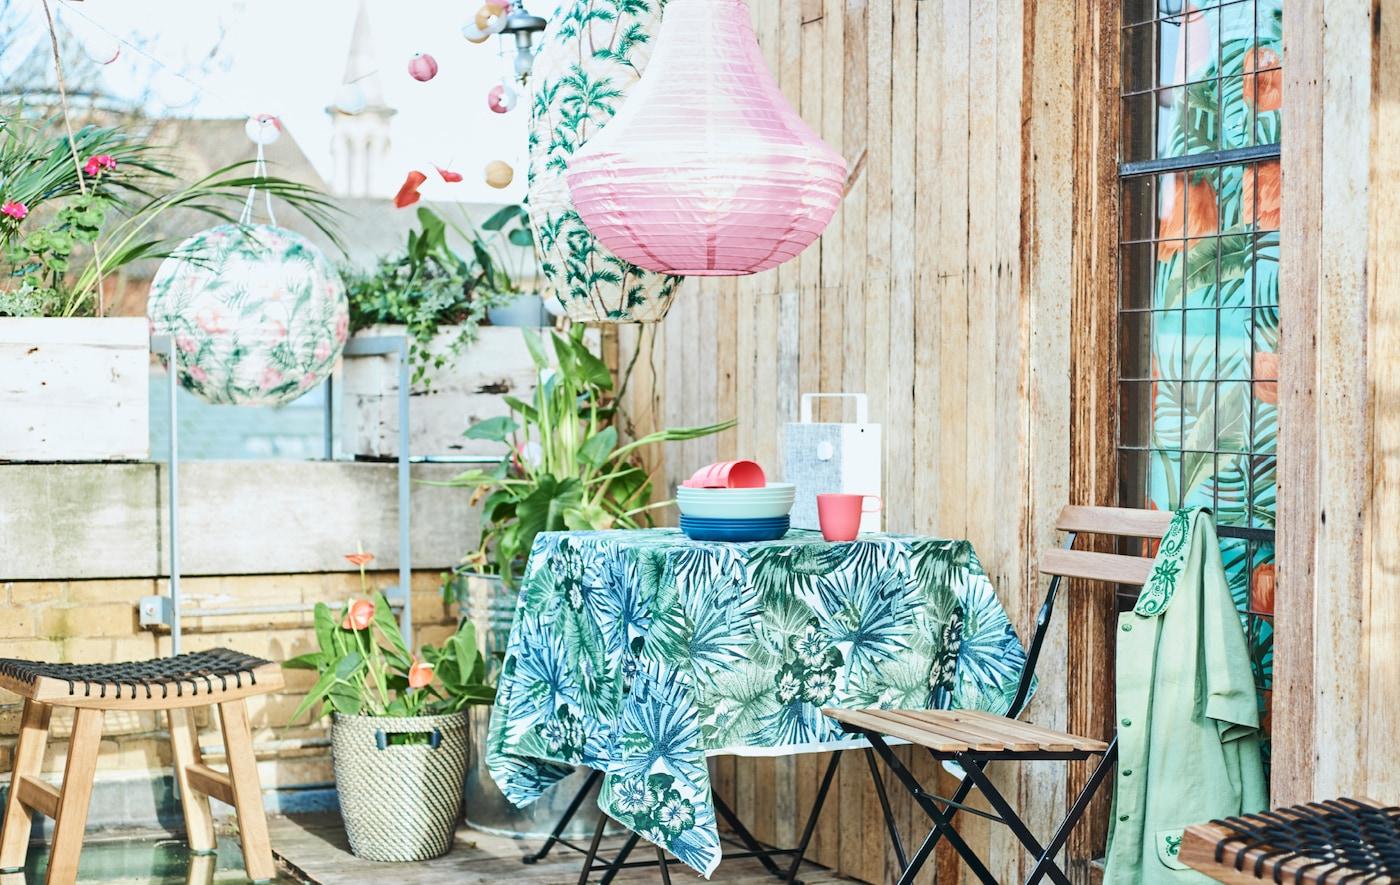 Una terrazza in città arredata con un tavolo coperto da una tovaglia dal motivo botanico, sedie pieghevoli, piante in vaso e lampade colorate - IKEA